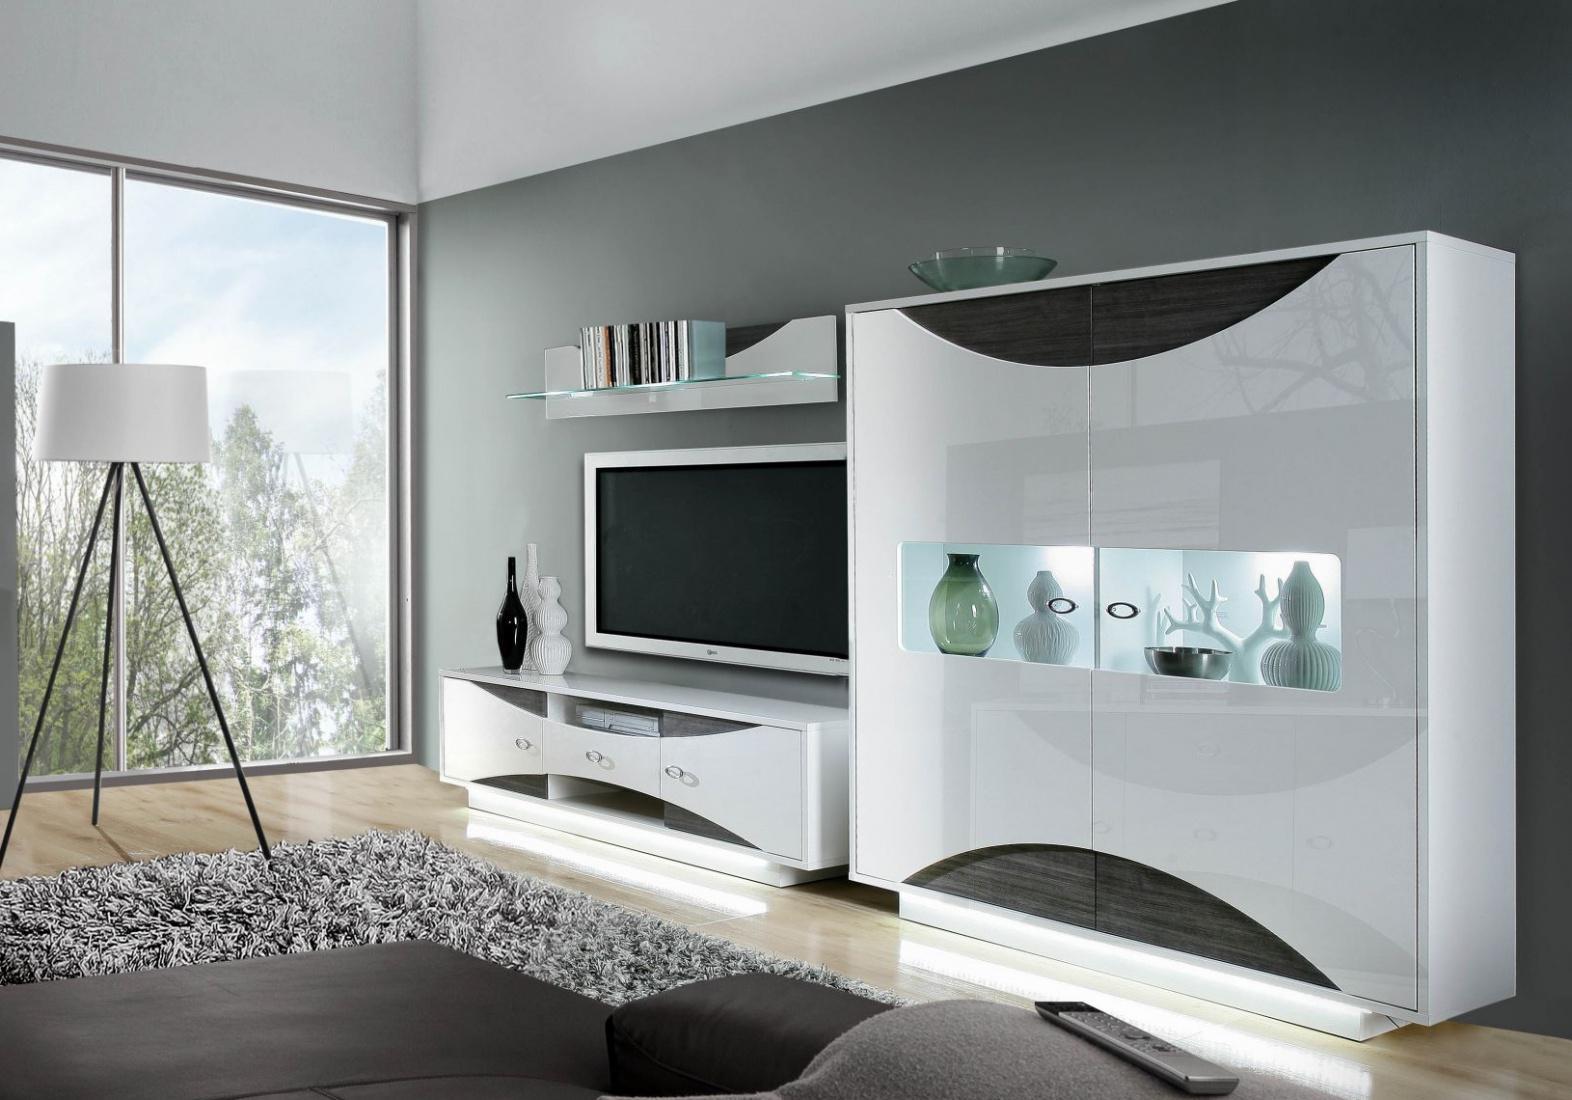 wohnwand jessica 3 teilig in uni weiss eiche grau kaufen bei m bel lux. Black Bedroom Furniture Sets. Home Design Ideas